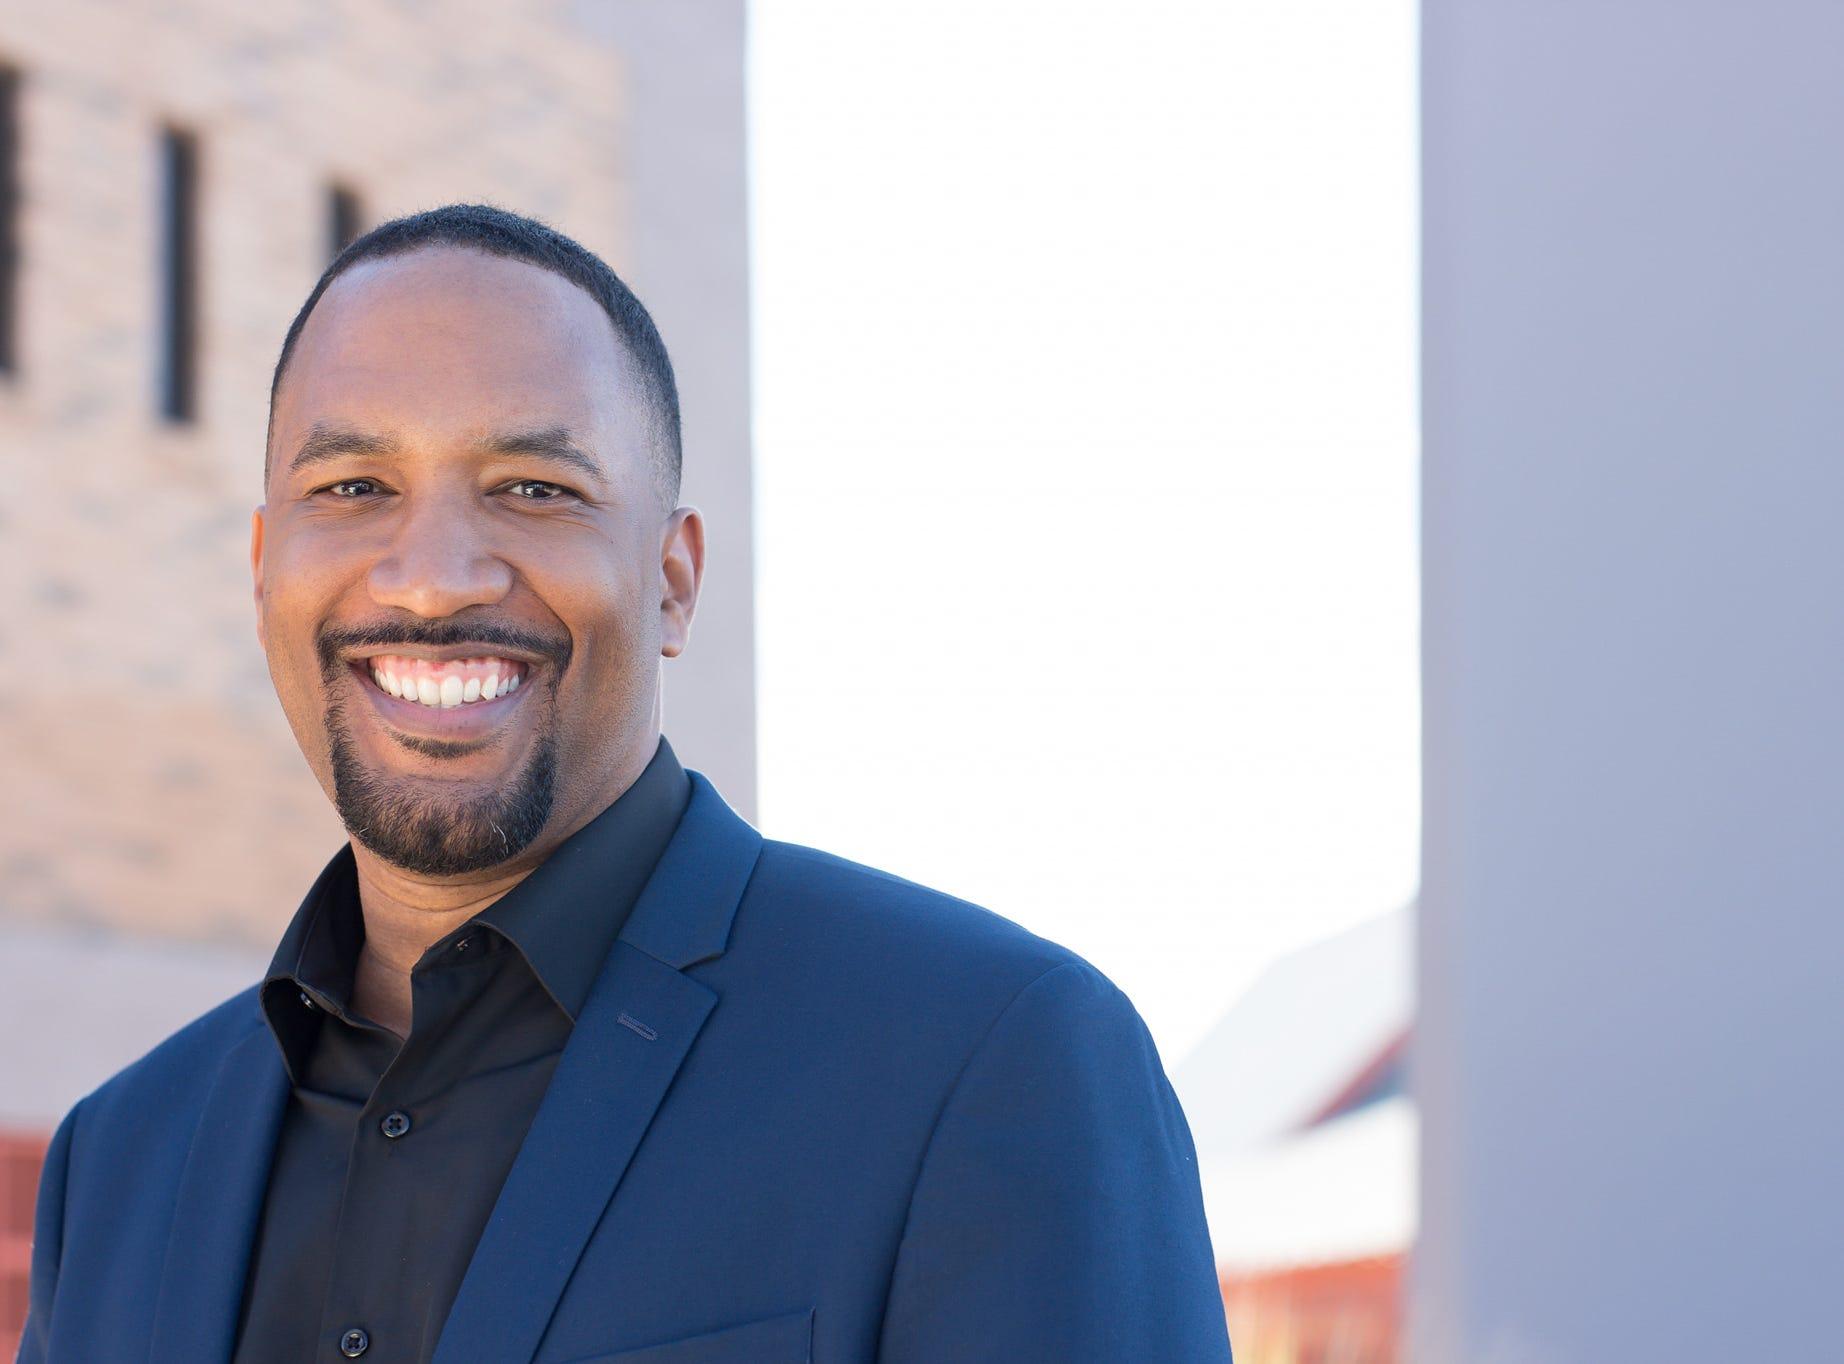 Pastor Andre Miller